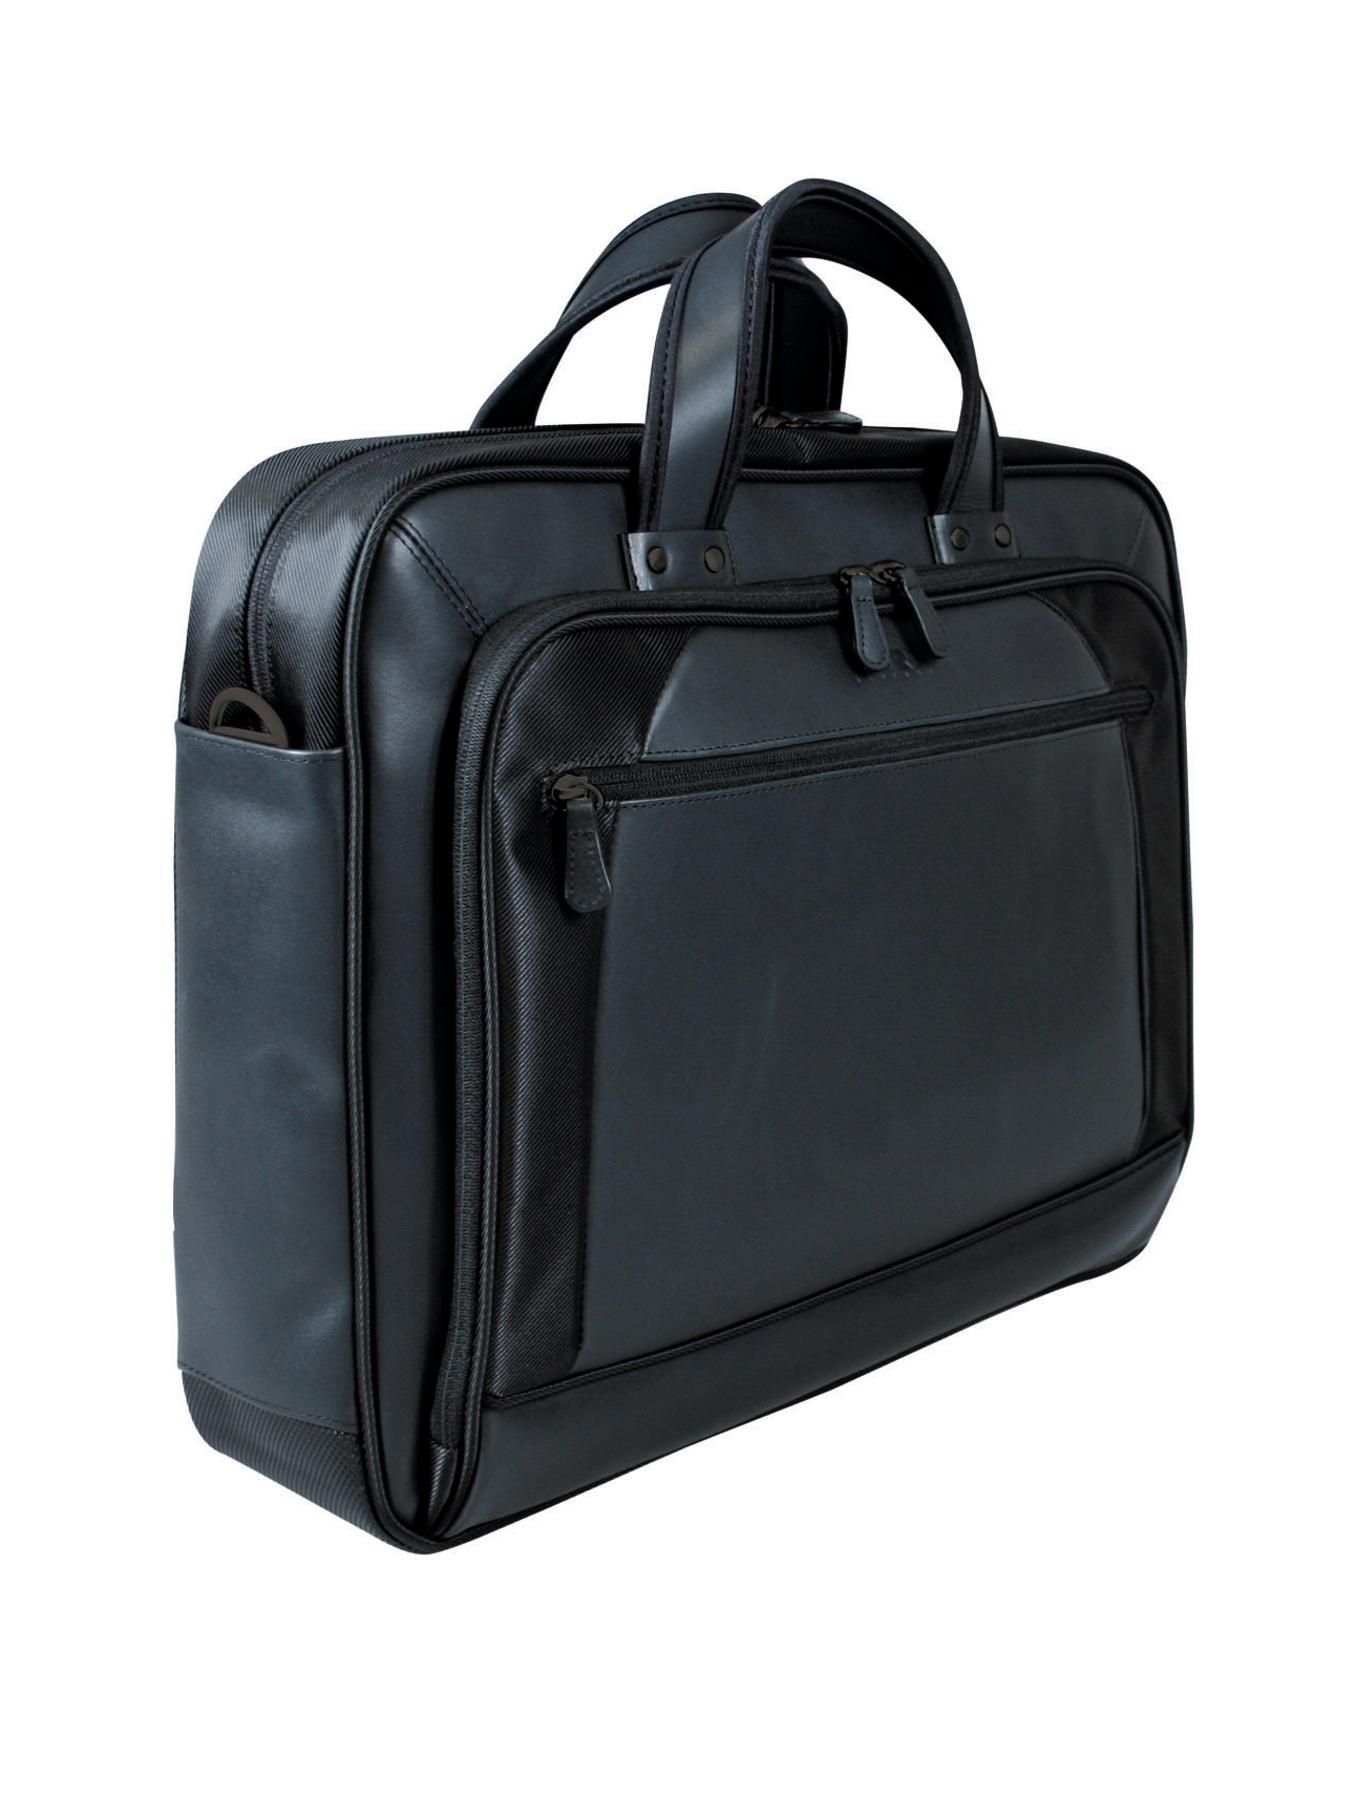 Dubai 15.6 inch Premium Laptop Bag